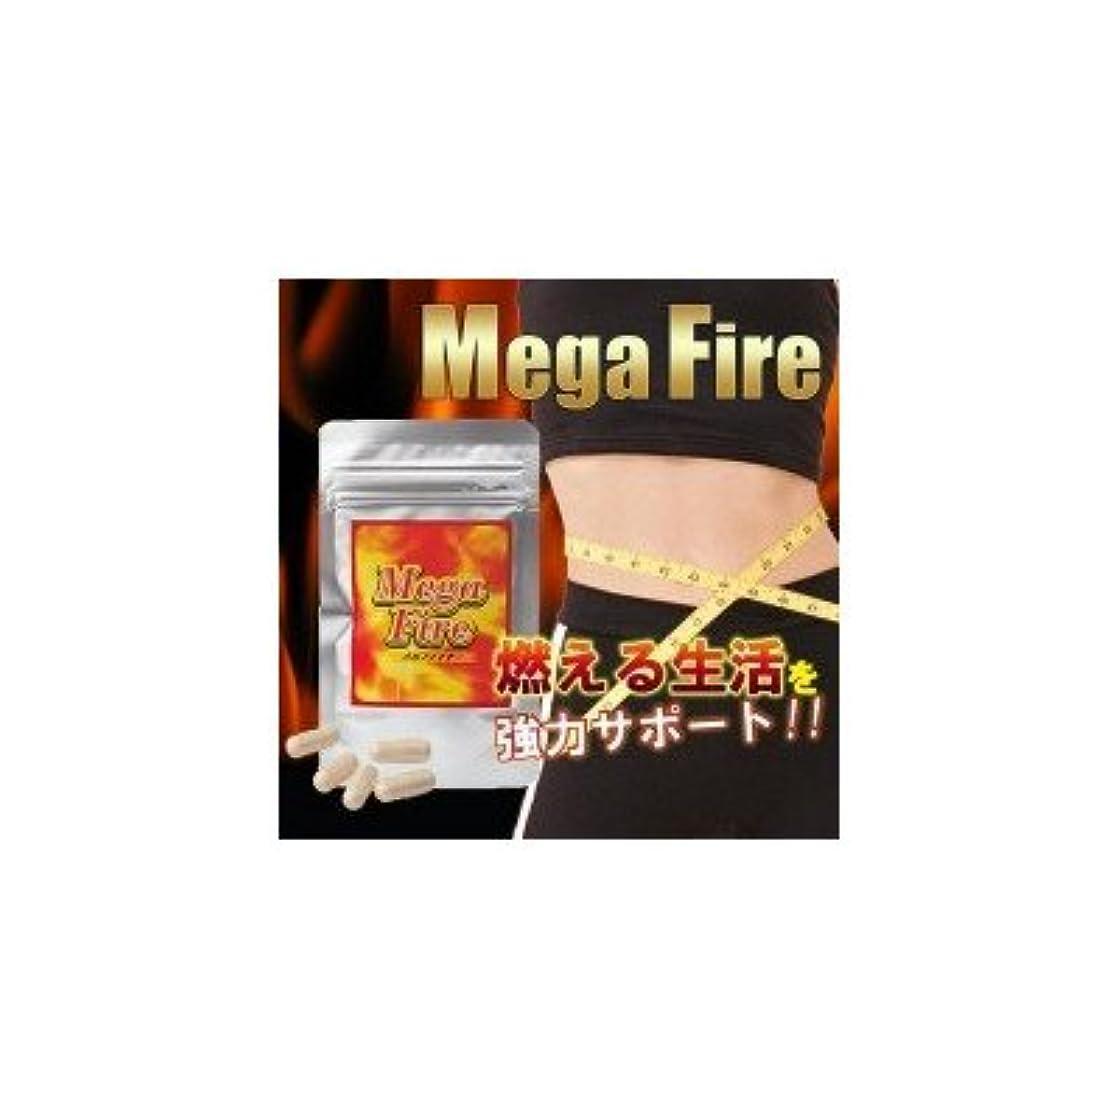 ある推定する人気Mega-Fire(メガファイア) 13.9g(377mg(1粒内容量300mg)×37カプセル)